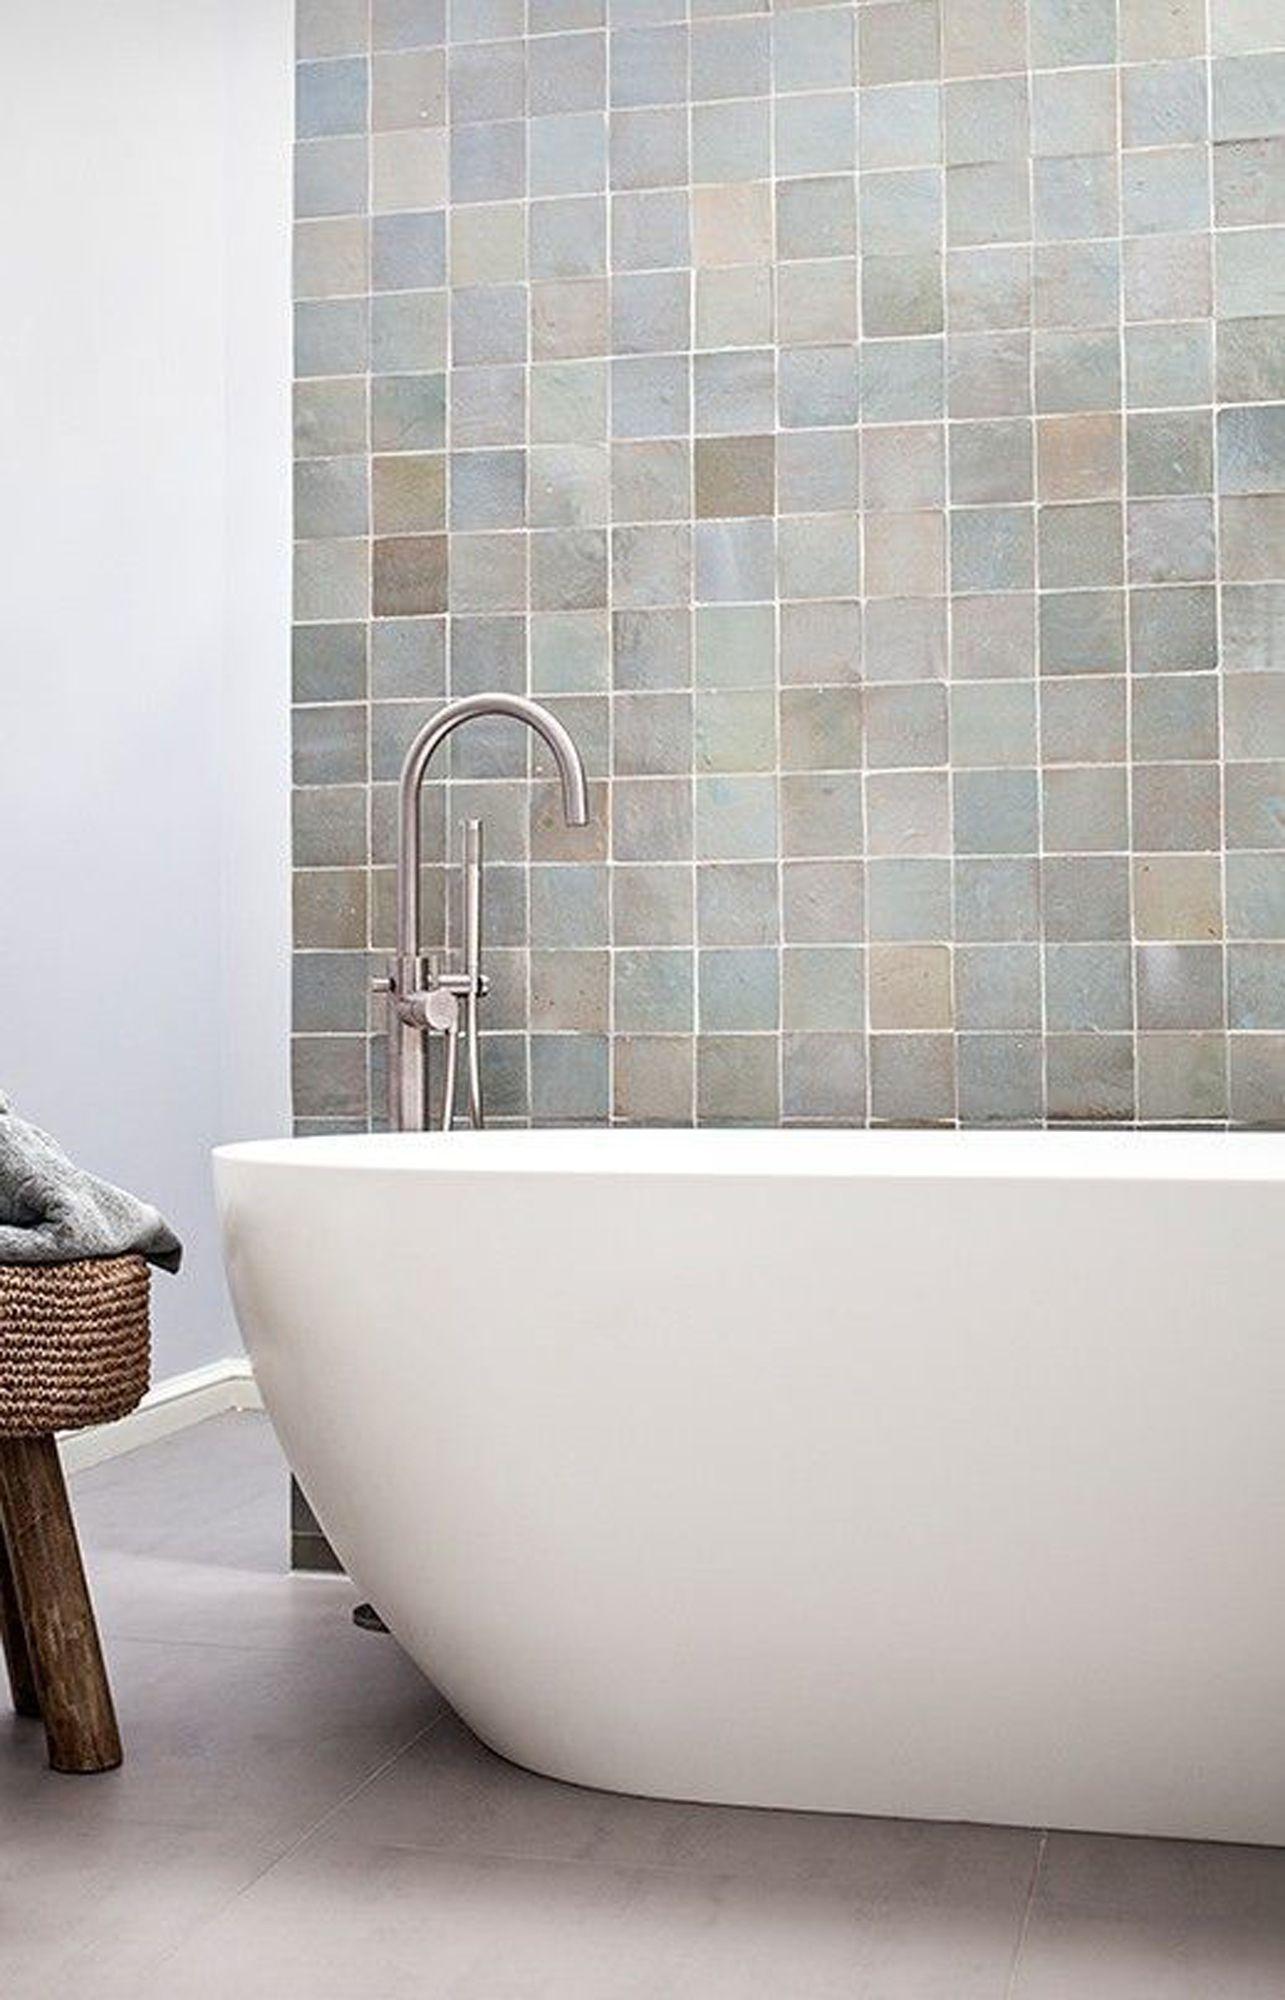 Moderne jaren 30 badkamer inspiratie met vrijstaand bad en zelliges #badkamerinspiratie